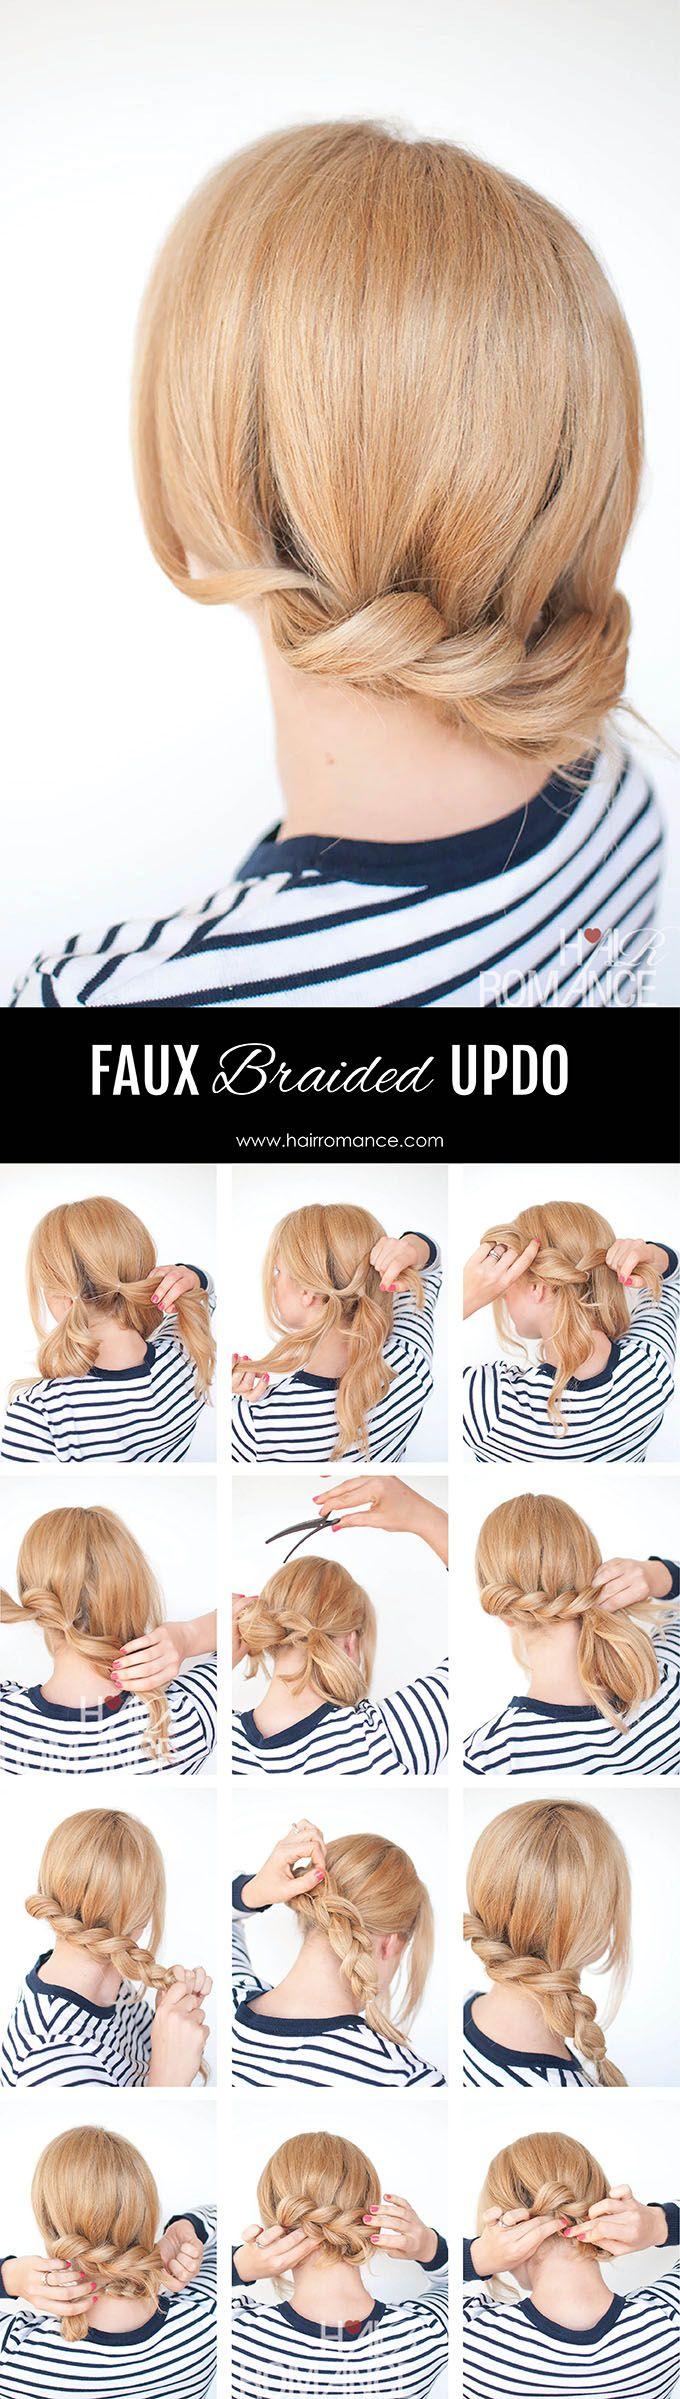 The nobraid braid u pullthrough braid tutorials hair romance